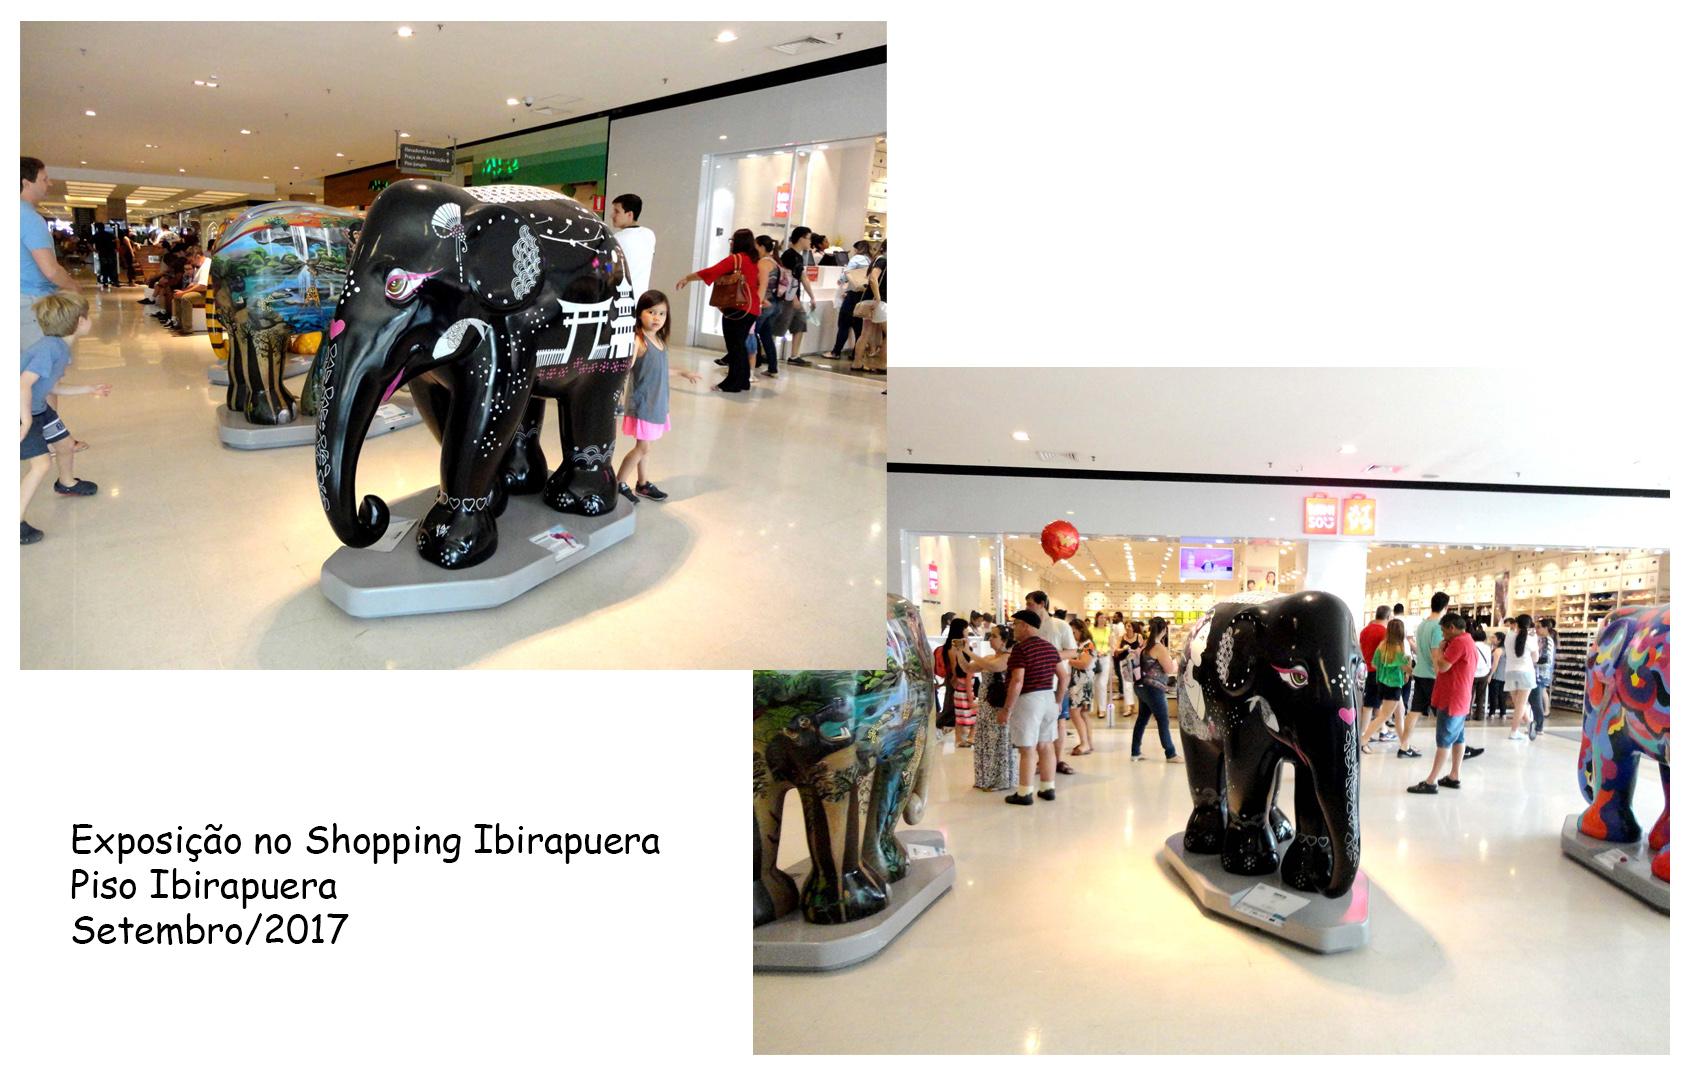 Exposição Shop. Ibirapuera